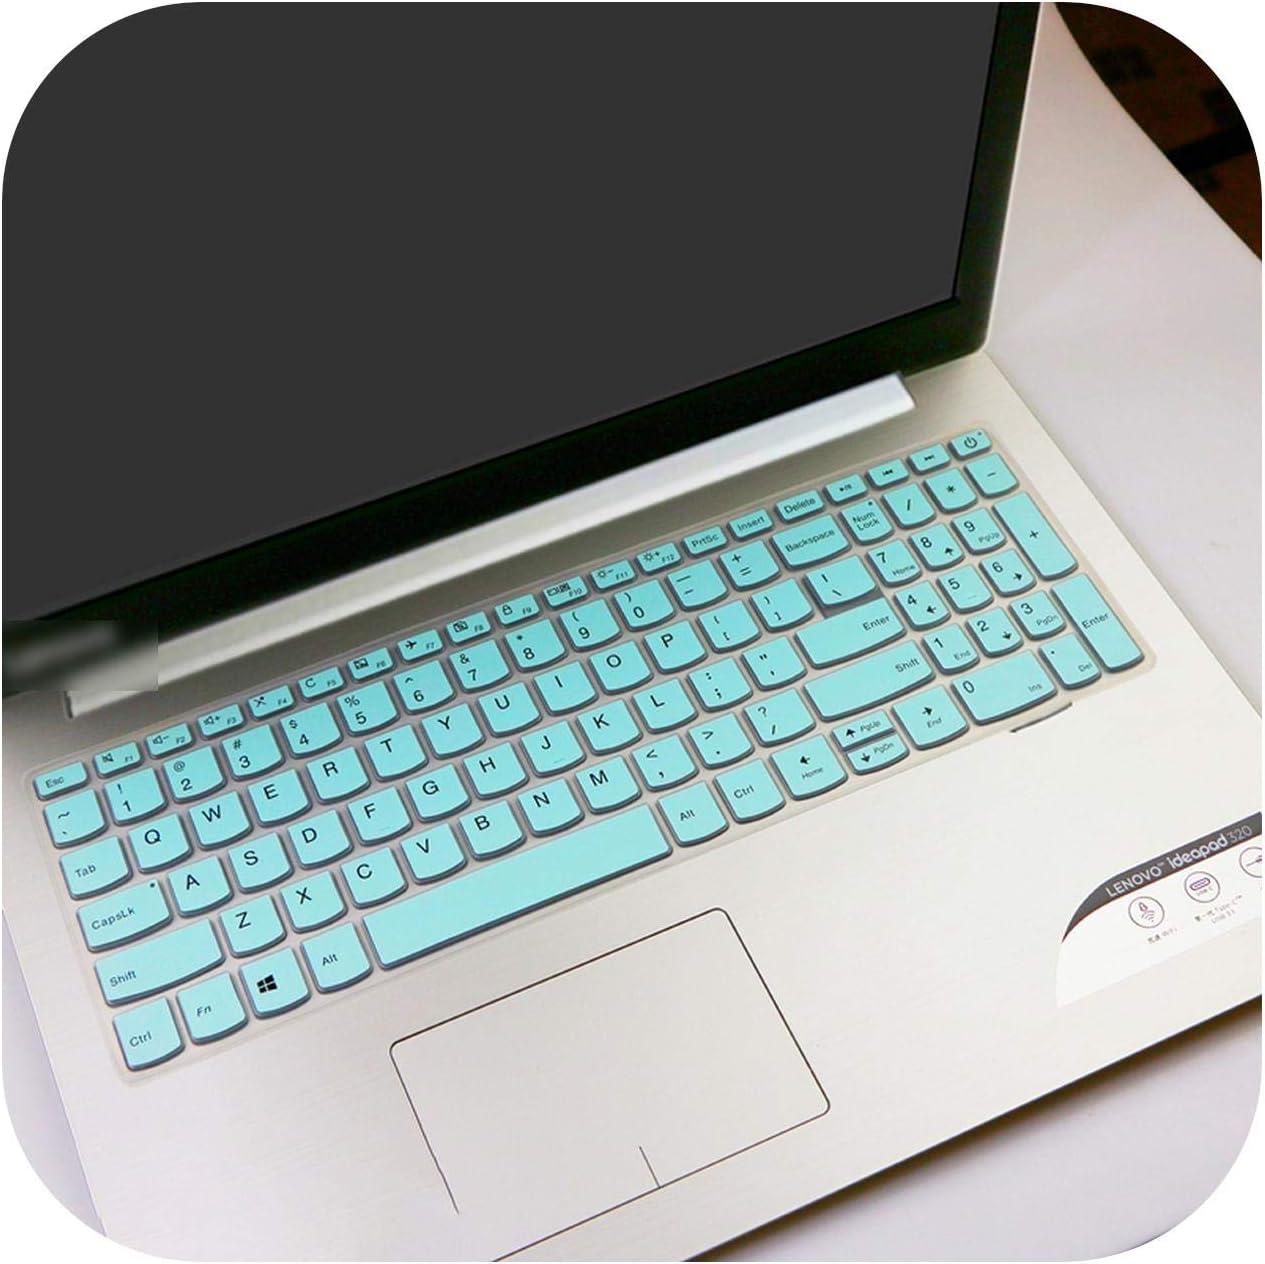 for Lenovo Ideapad V130 V130 15Igm V130 15Ikb V730 520 15Ikb Flex 5 15.6 15 15.6 Inch Laptop Keyboard Cover Skin Protector-Fadeblue